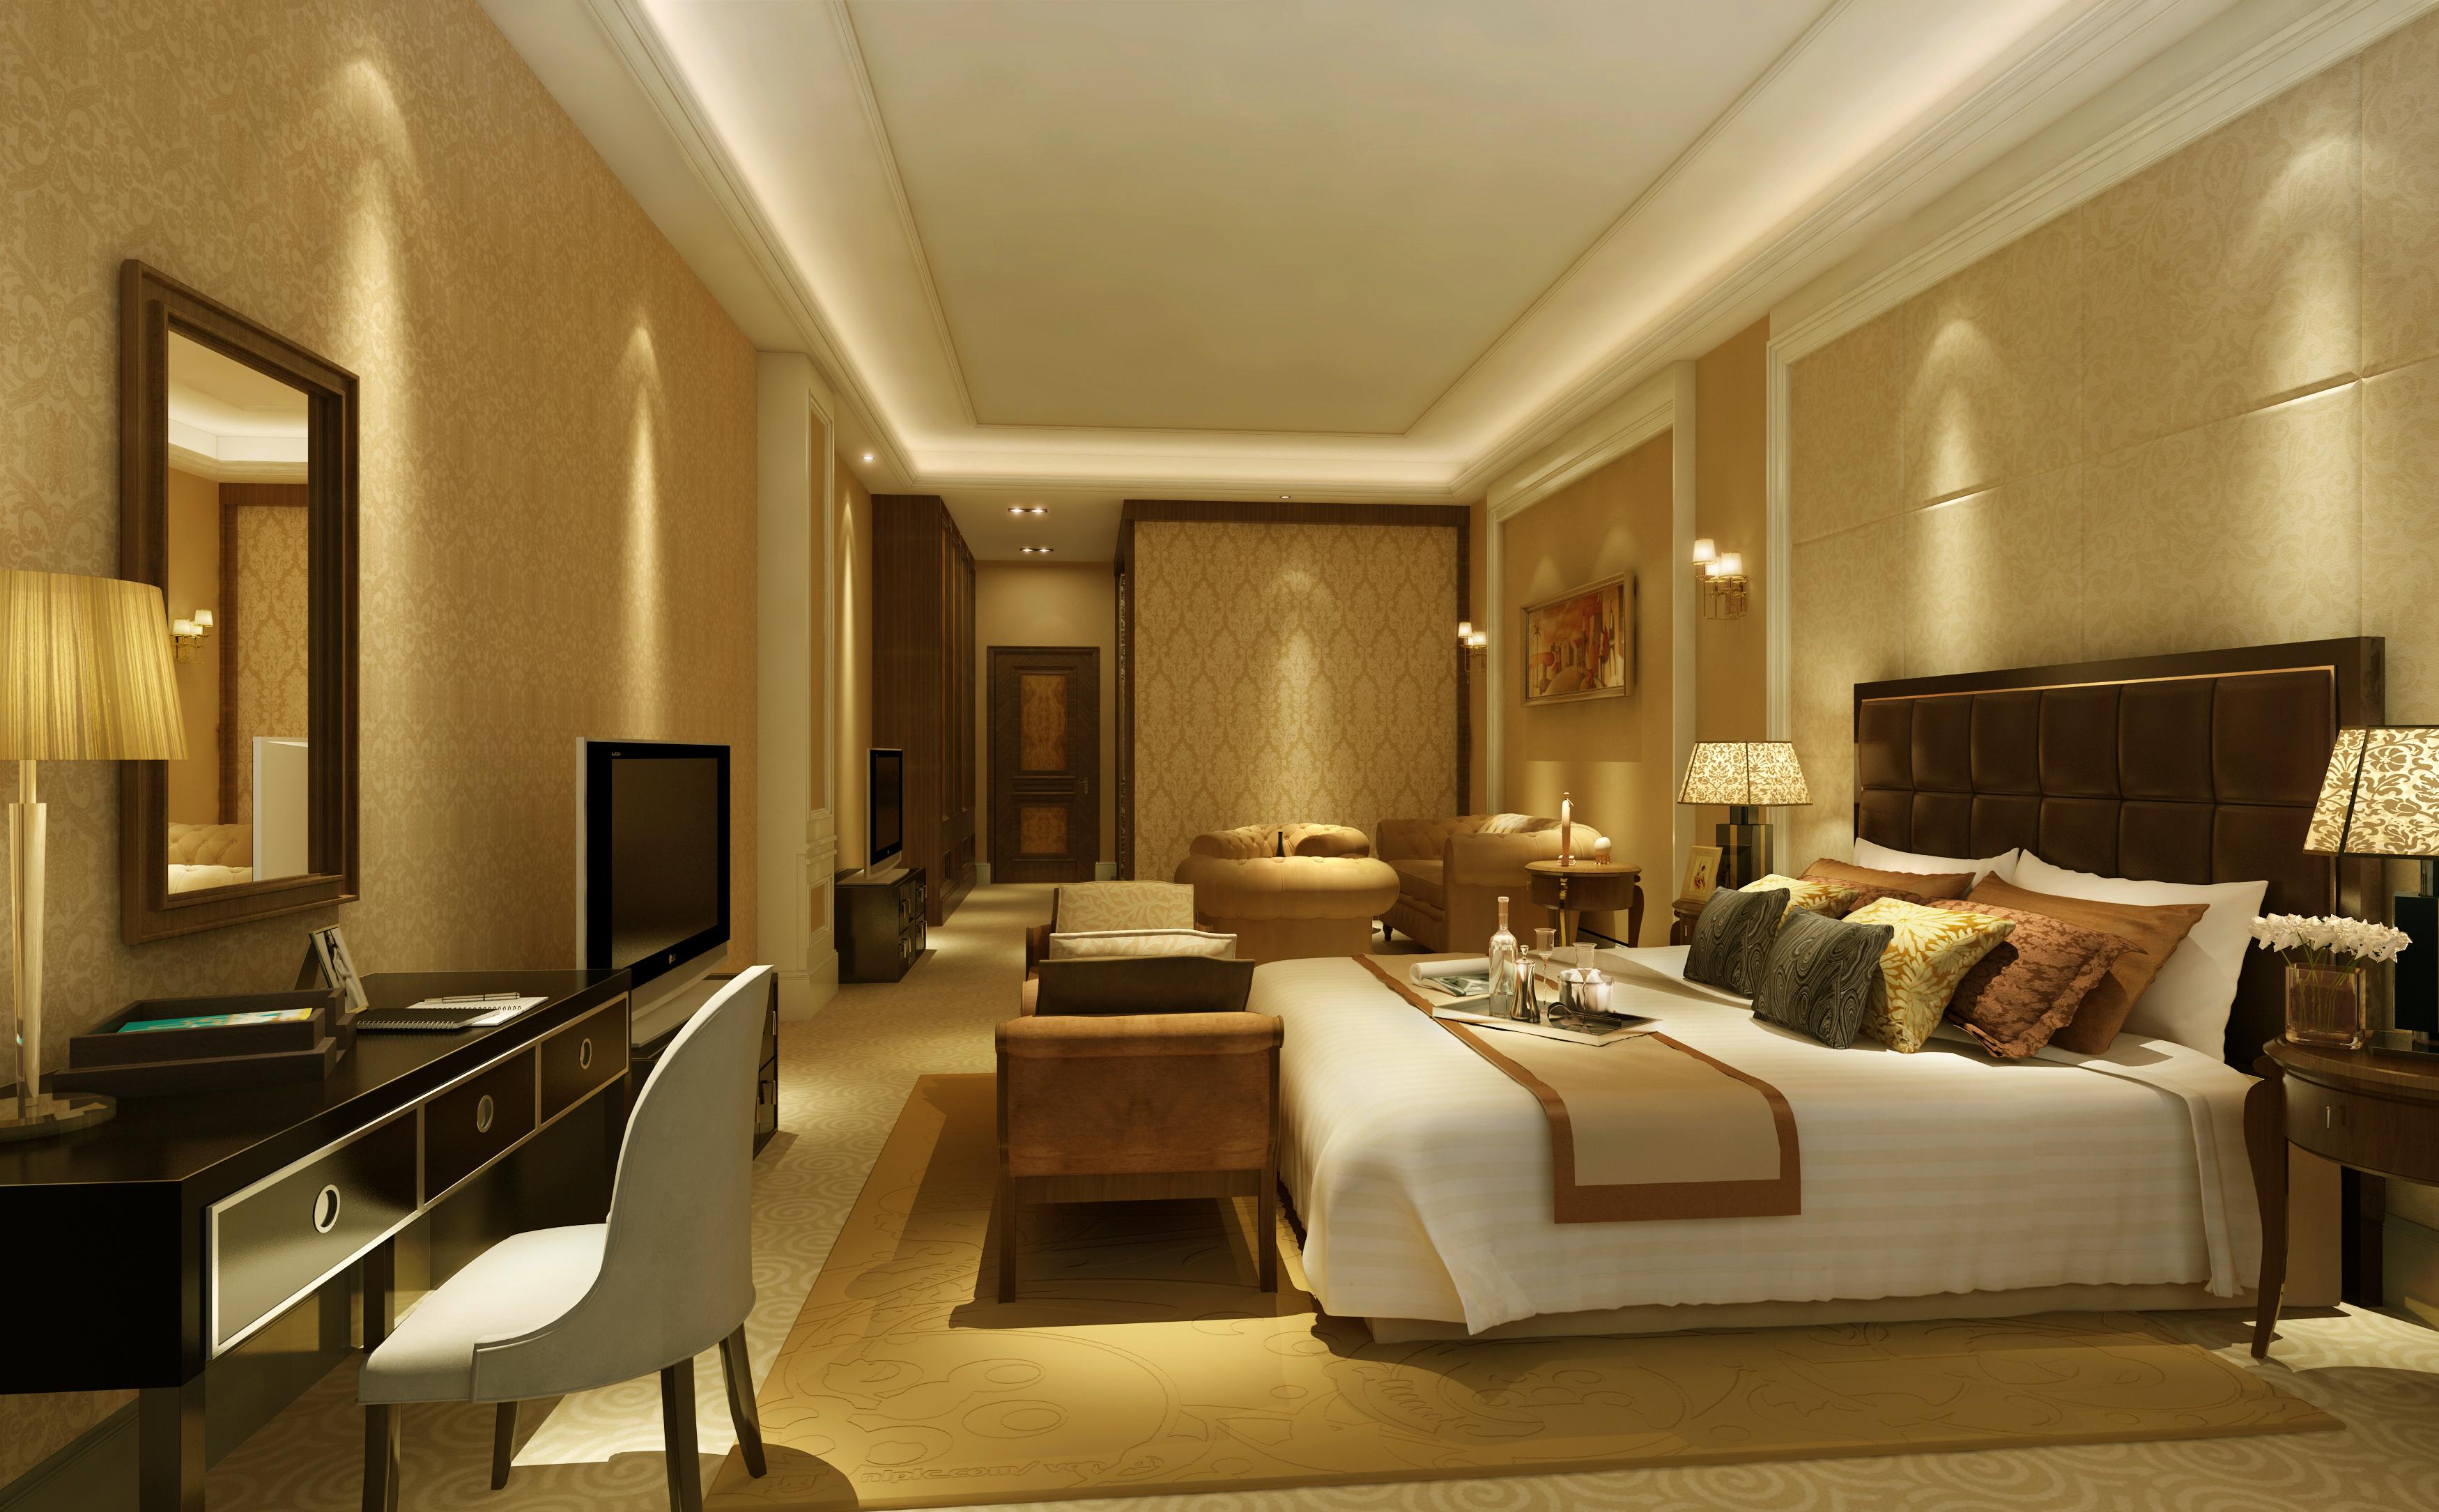 Luxury Bedroom 3d Model Max 1